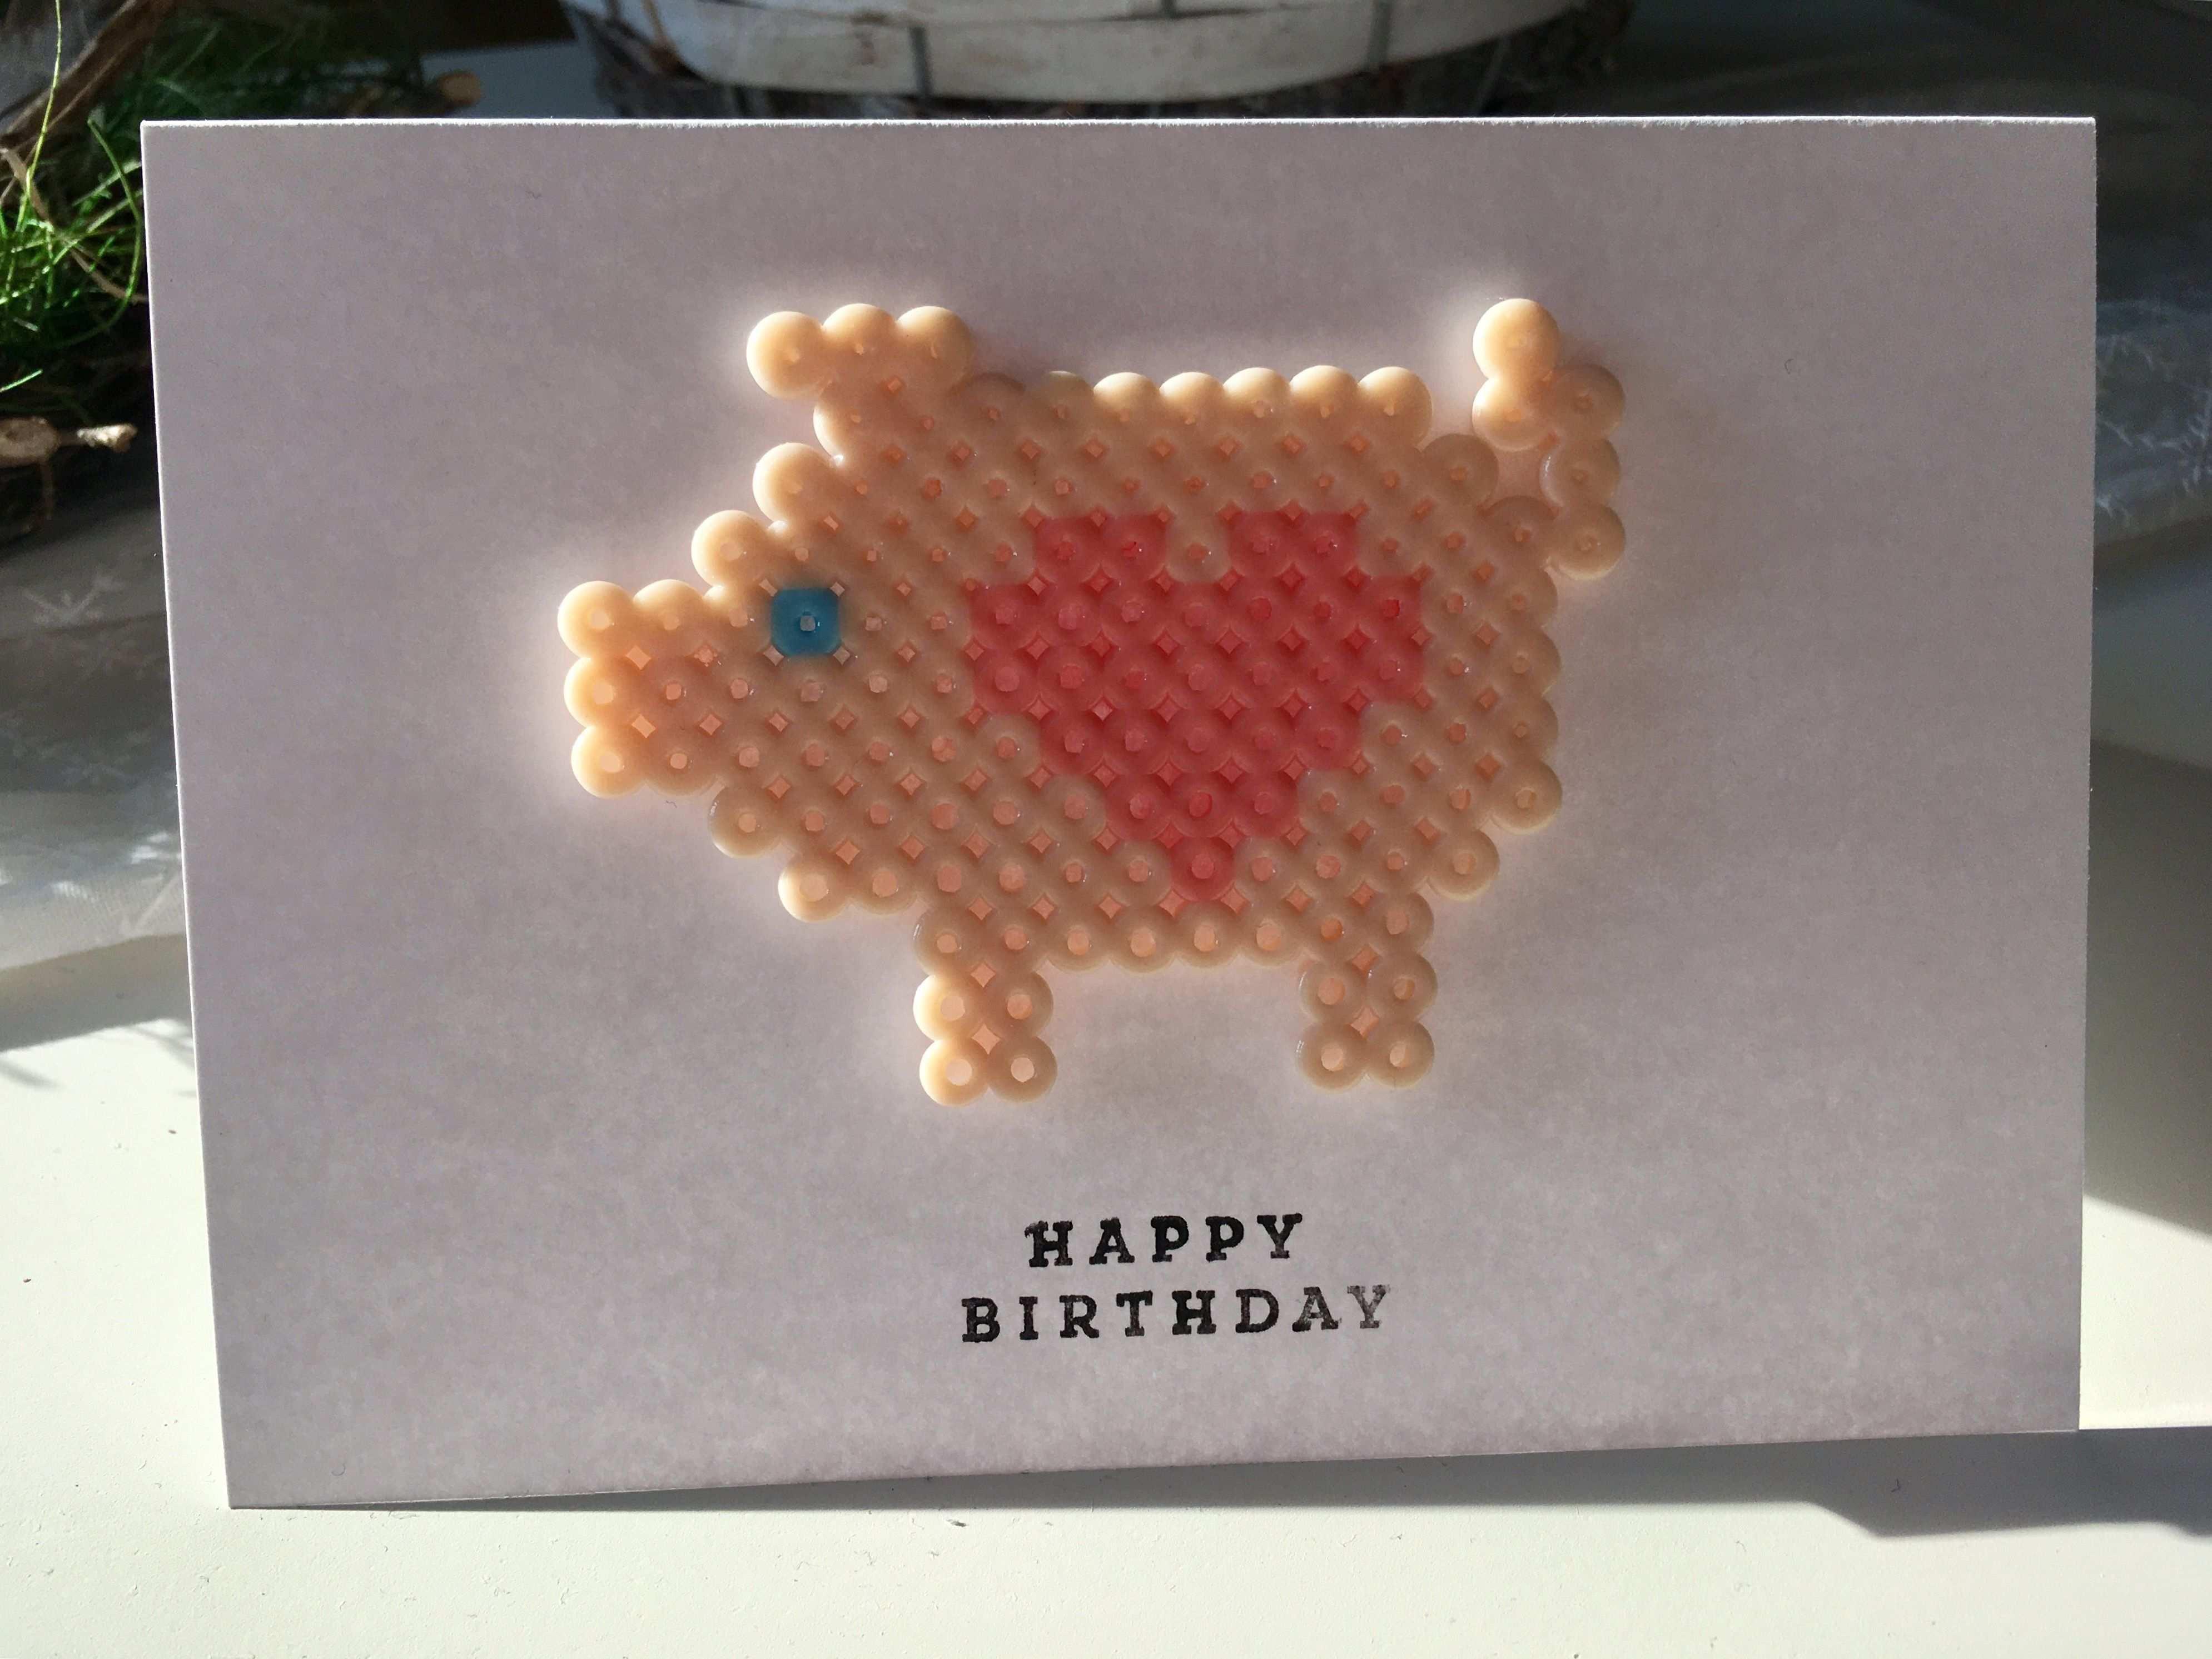 Bugelperlen Karte Mit Schwein Geburtstagskarte Basteln Bugelperlen Geburtstagskarte Basteln Silvester